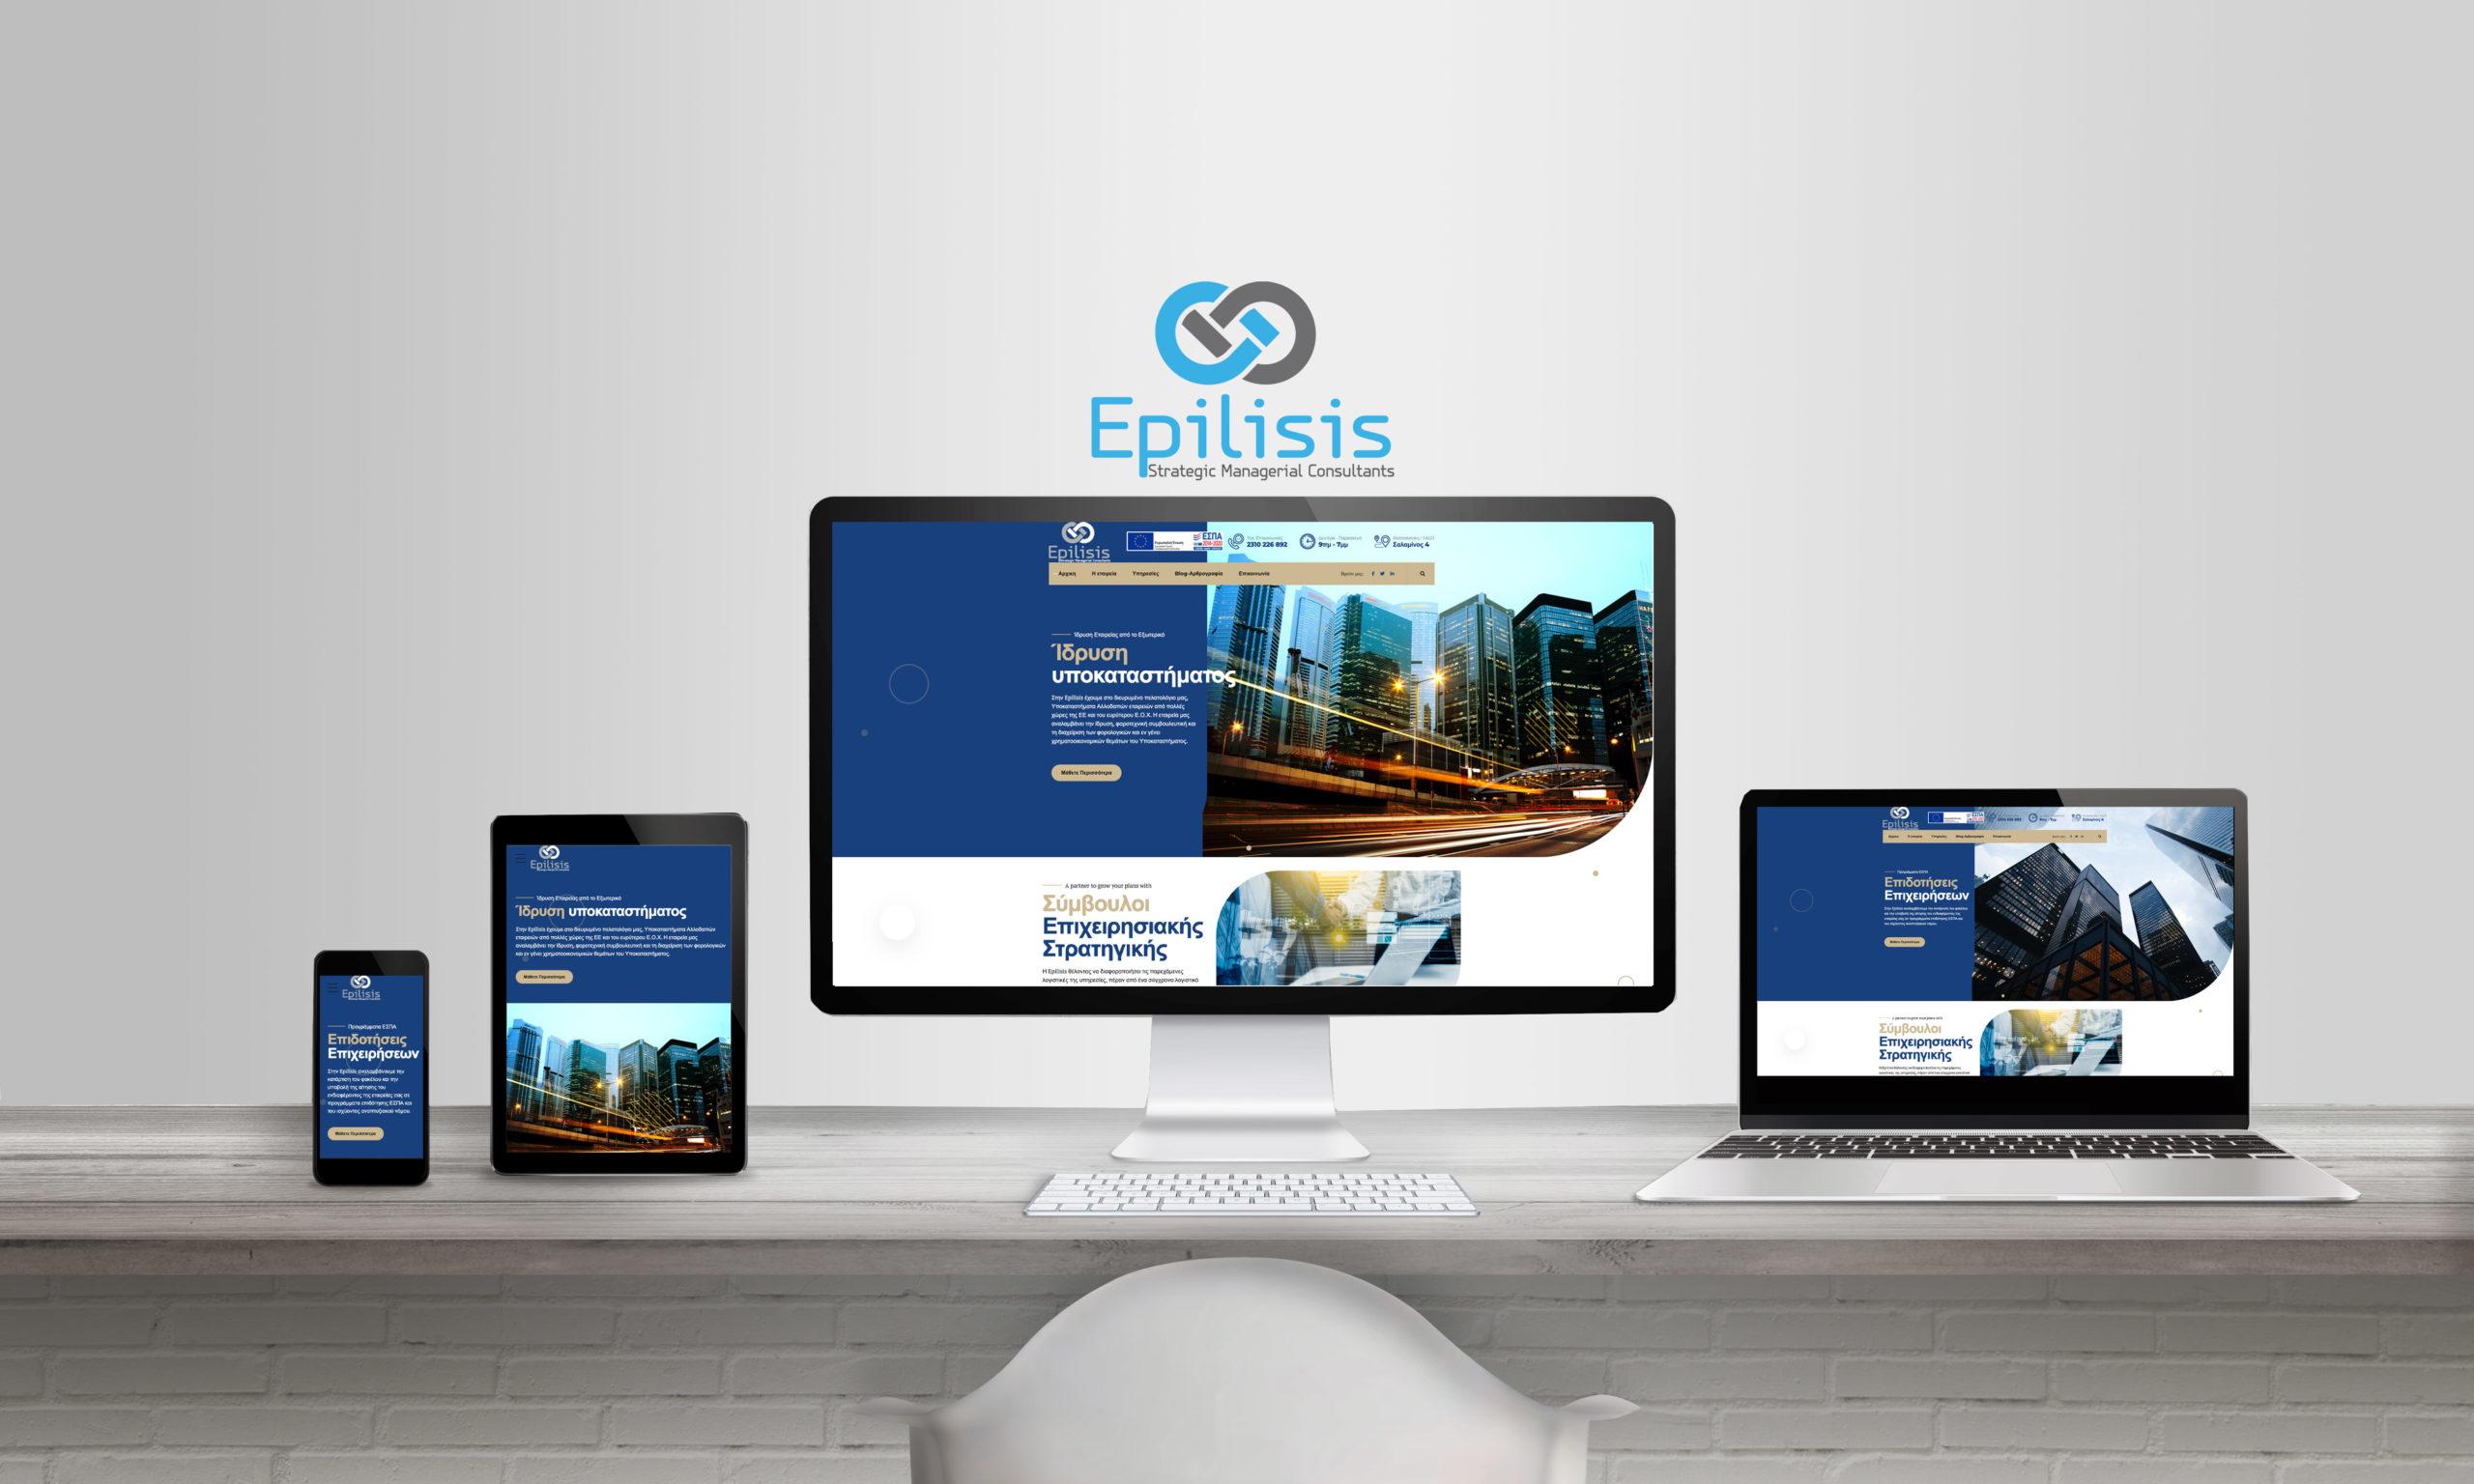 κατασκευη ιστοσελιδων - epilisis